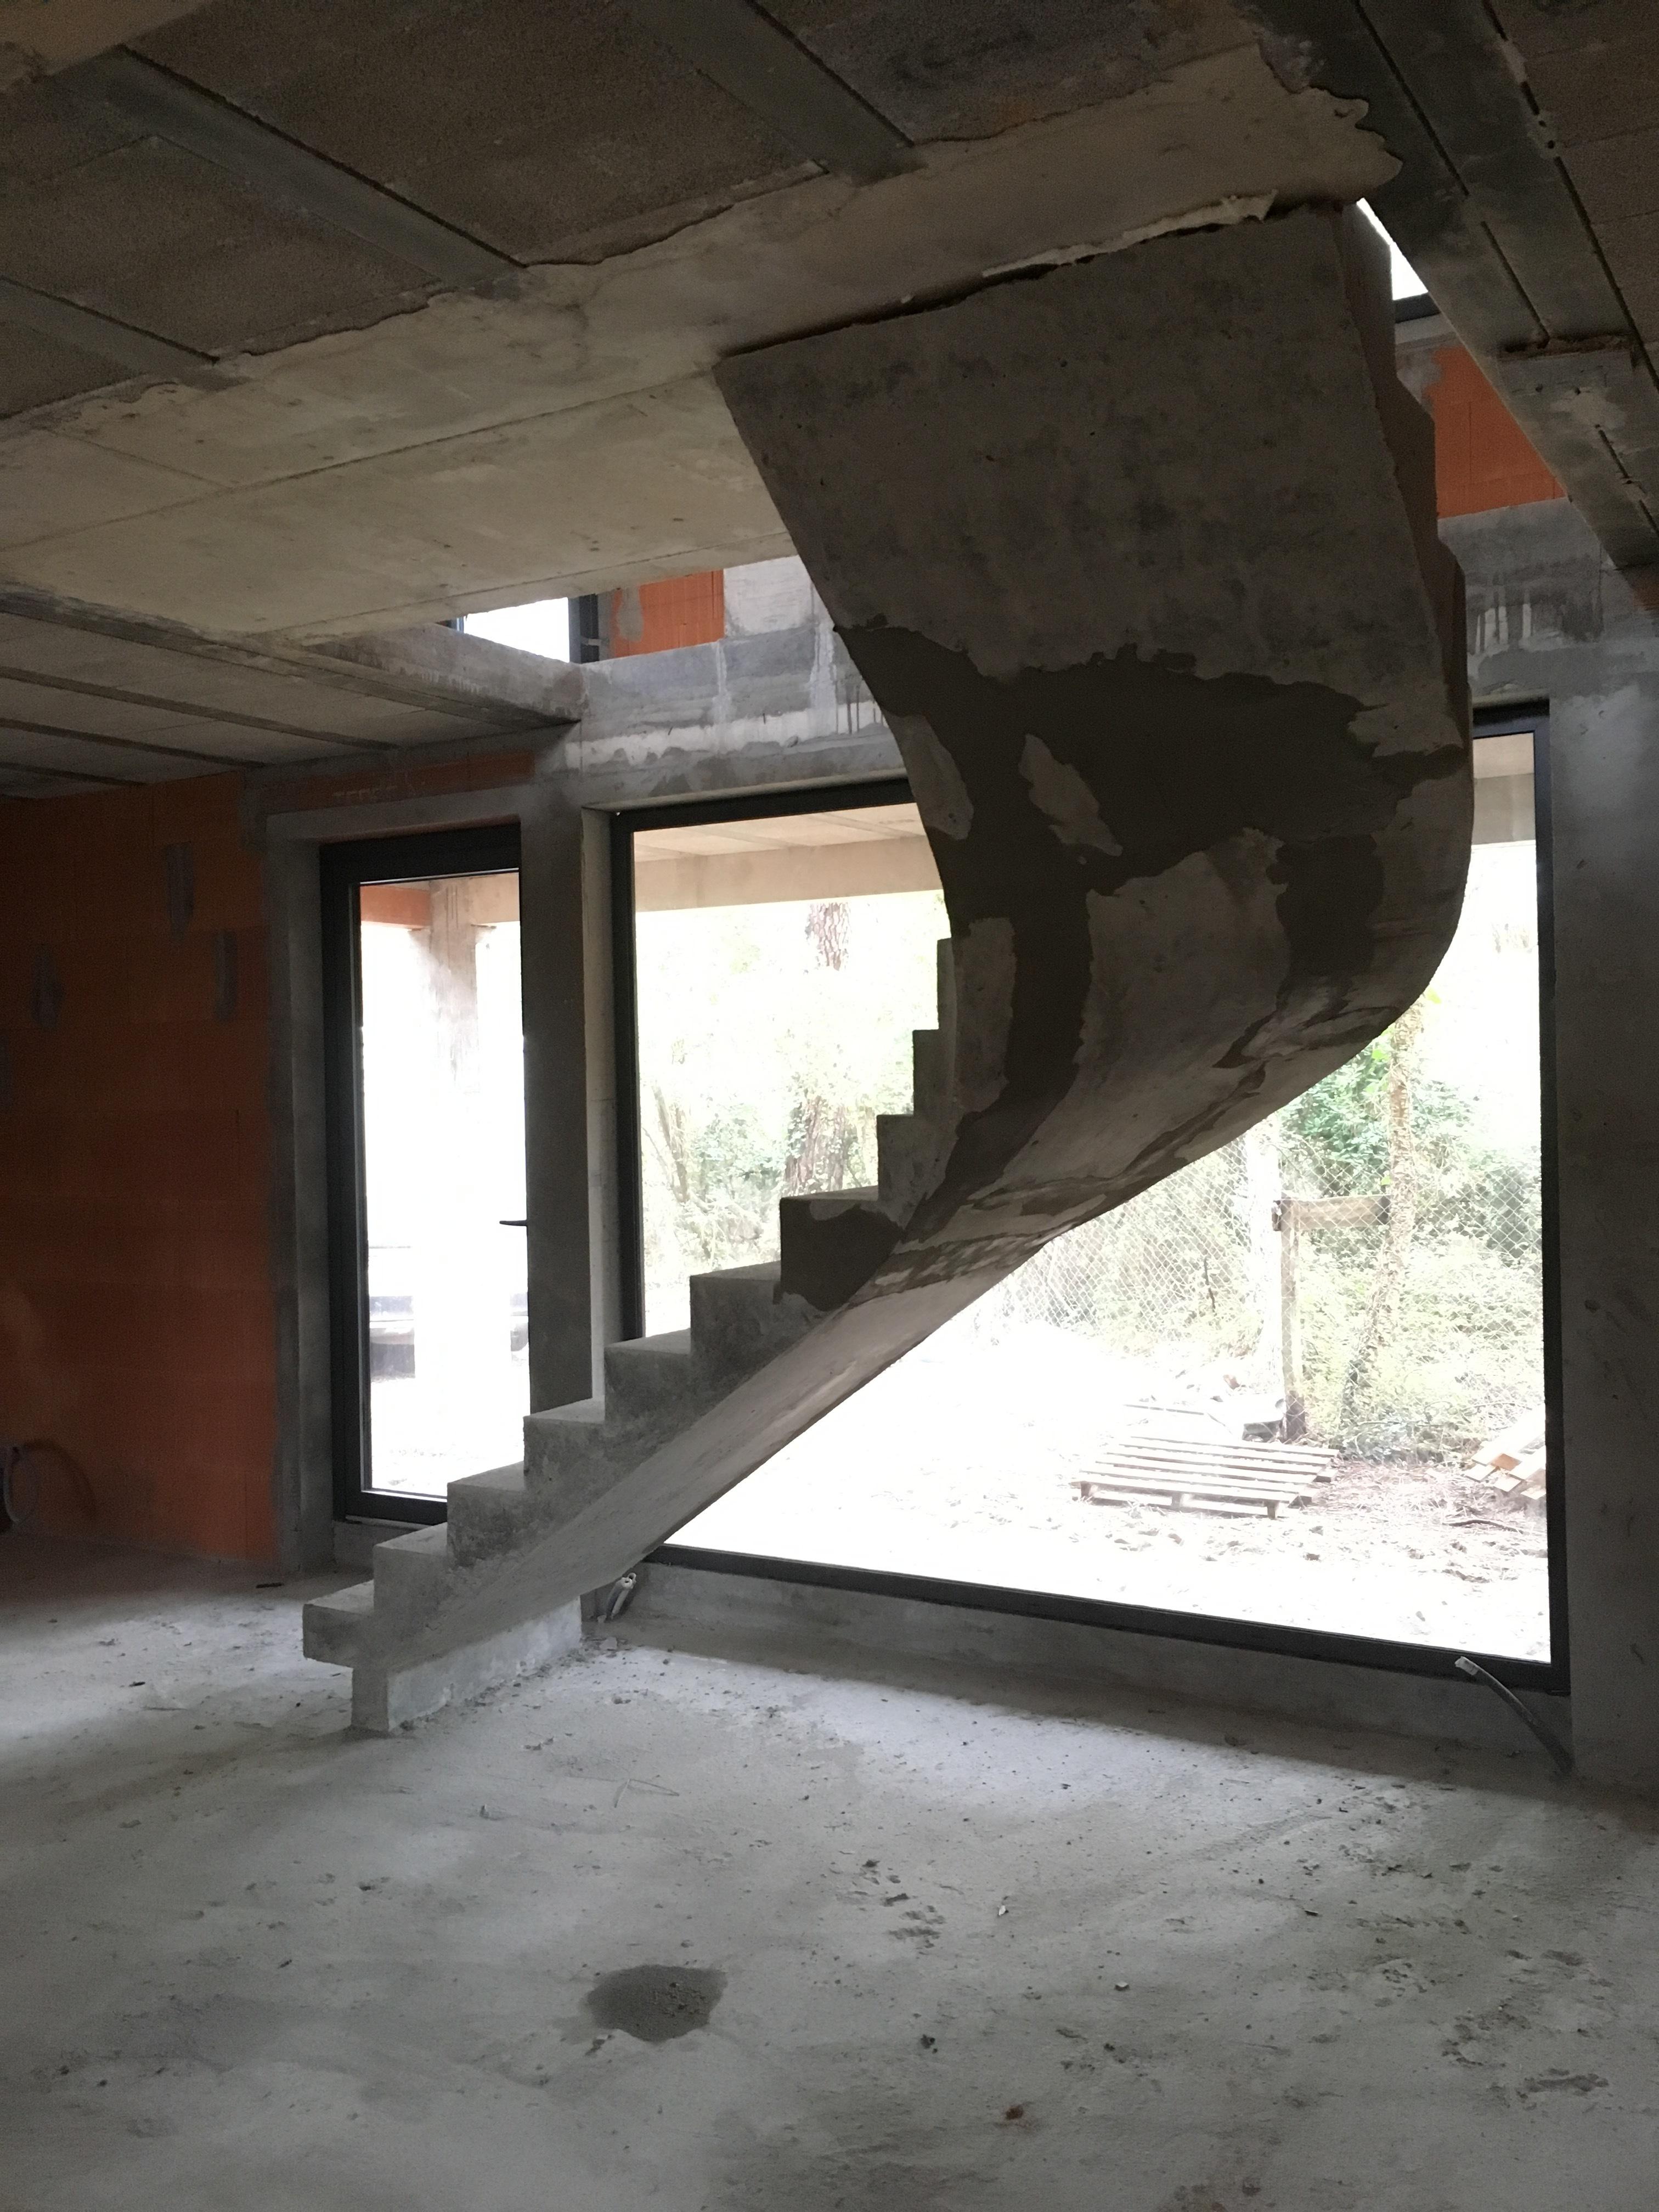 remarquable escalier hélicoïdal architectural en béton brut de décoffrage  à bordeaux  pour un particulier